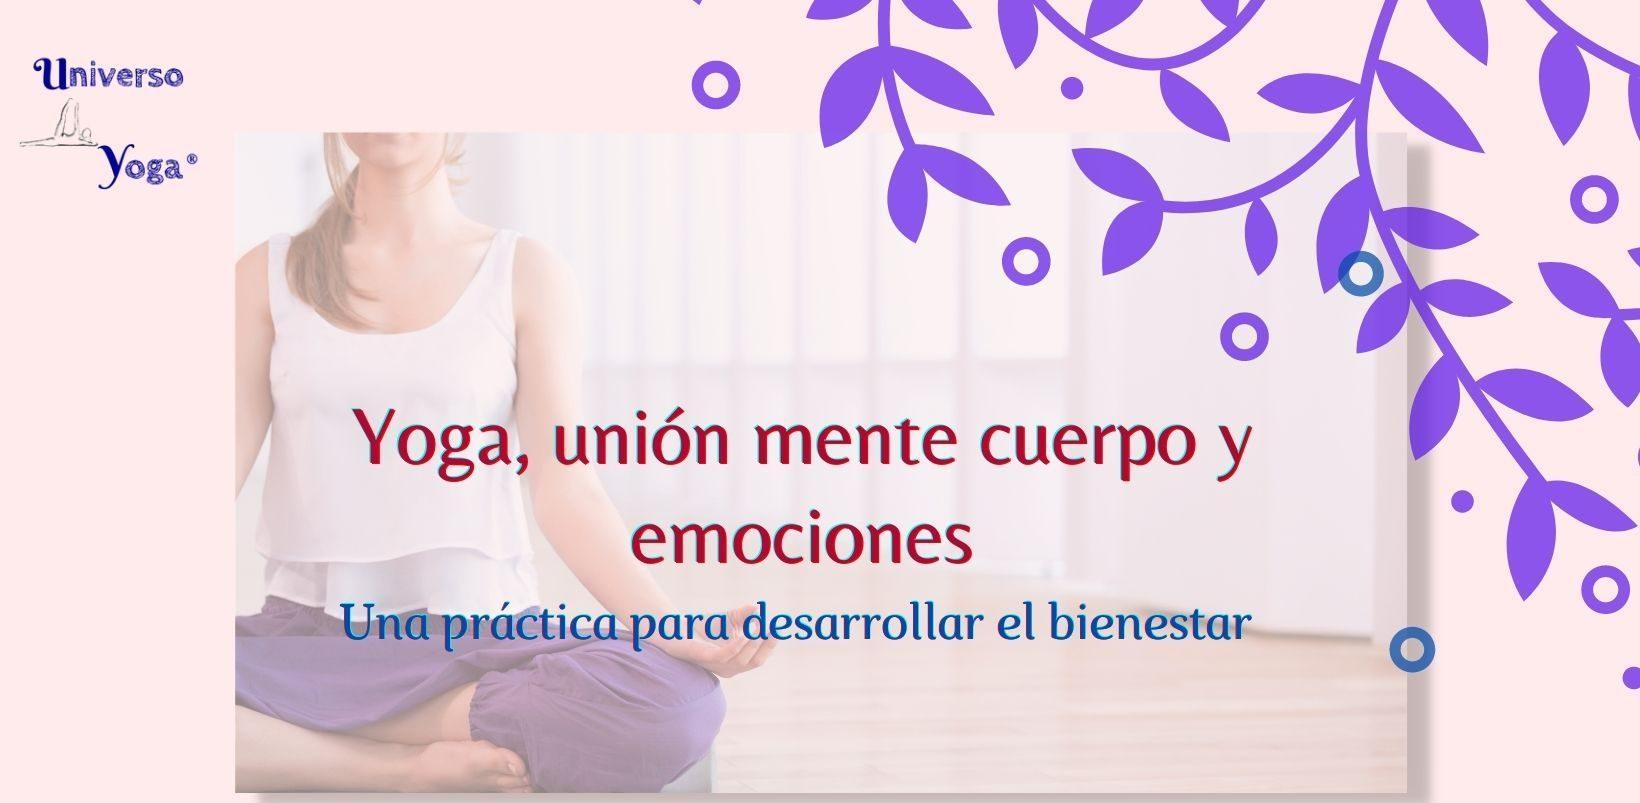 Yoga, unión mente cuerpo y emociones